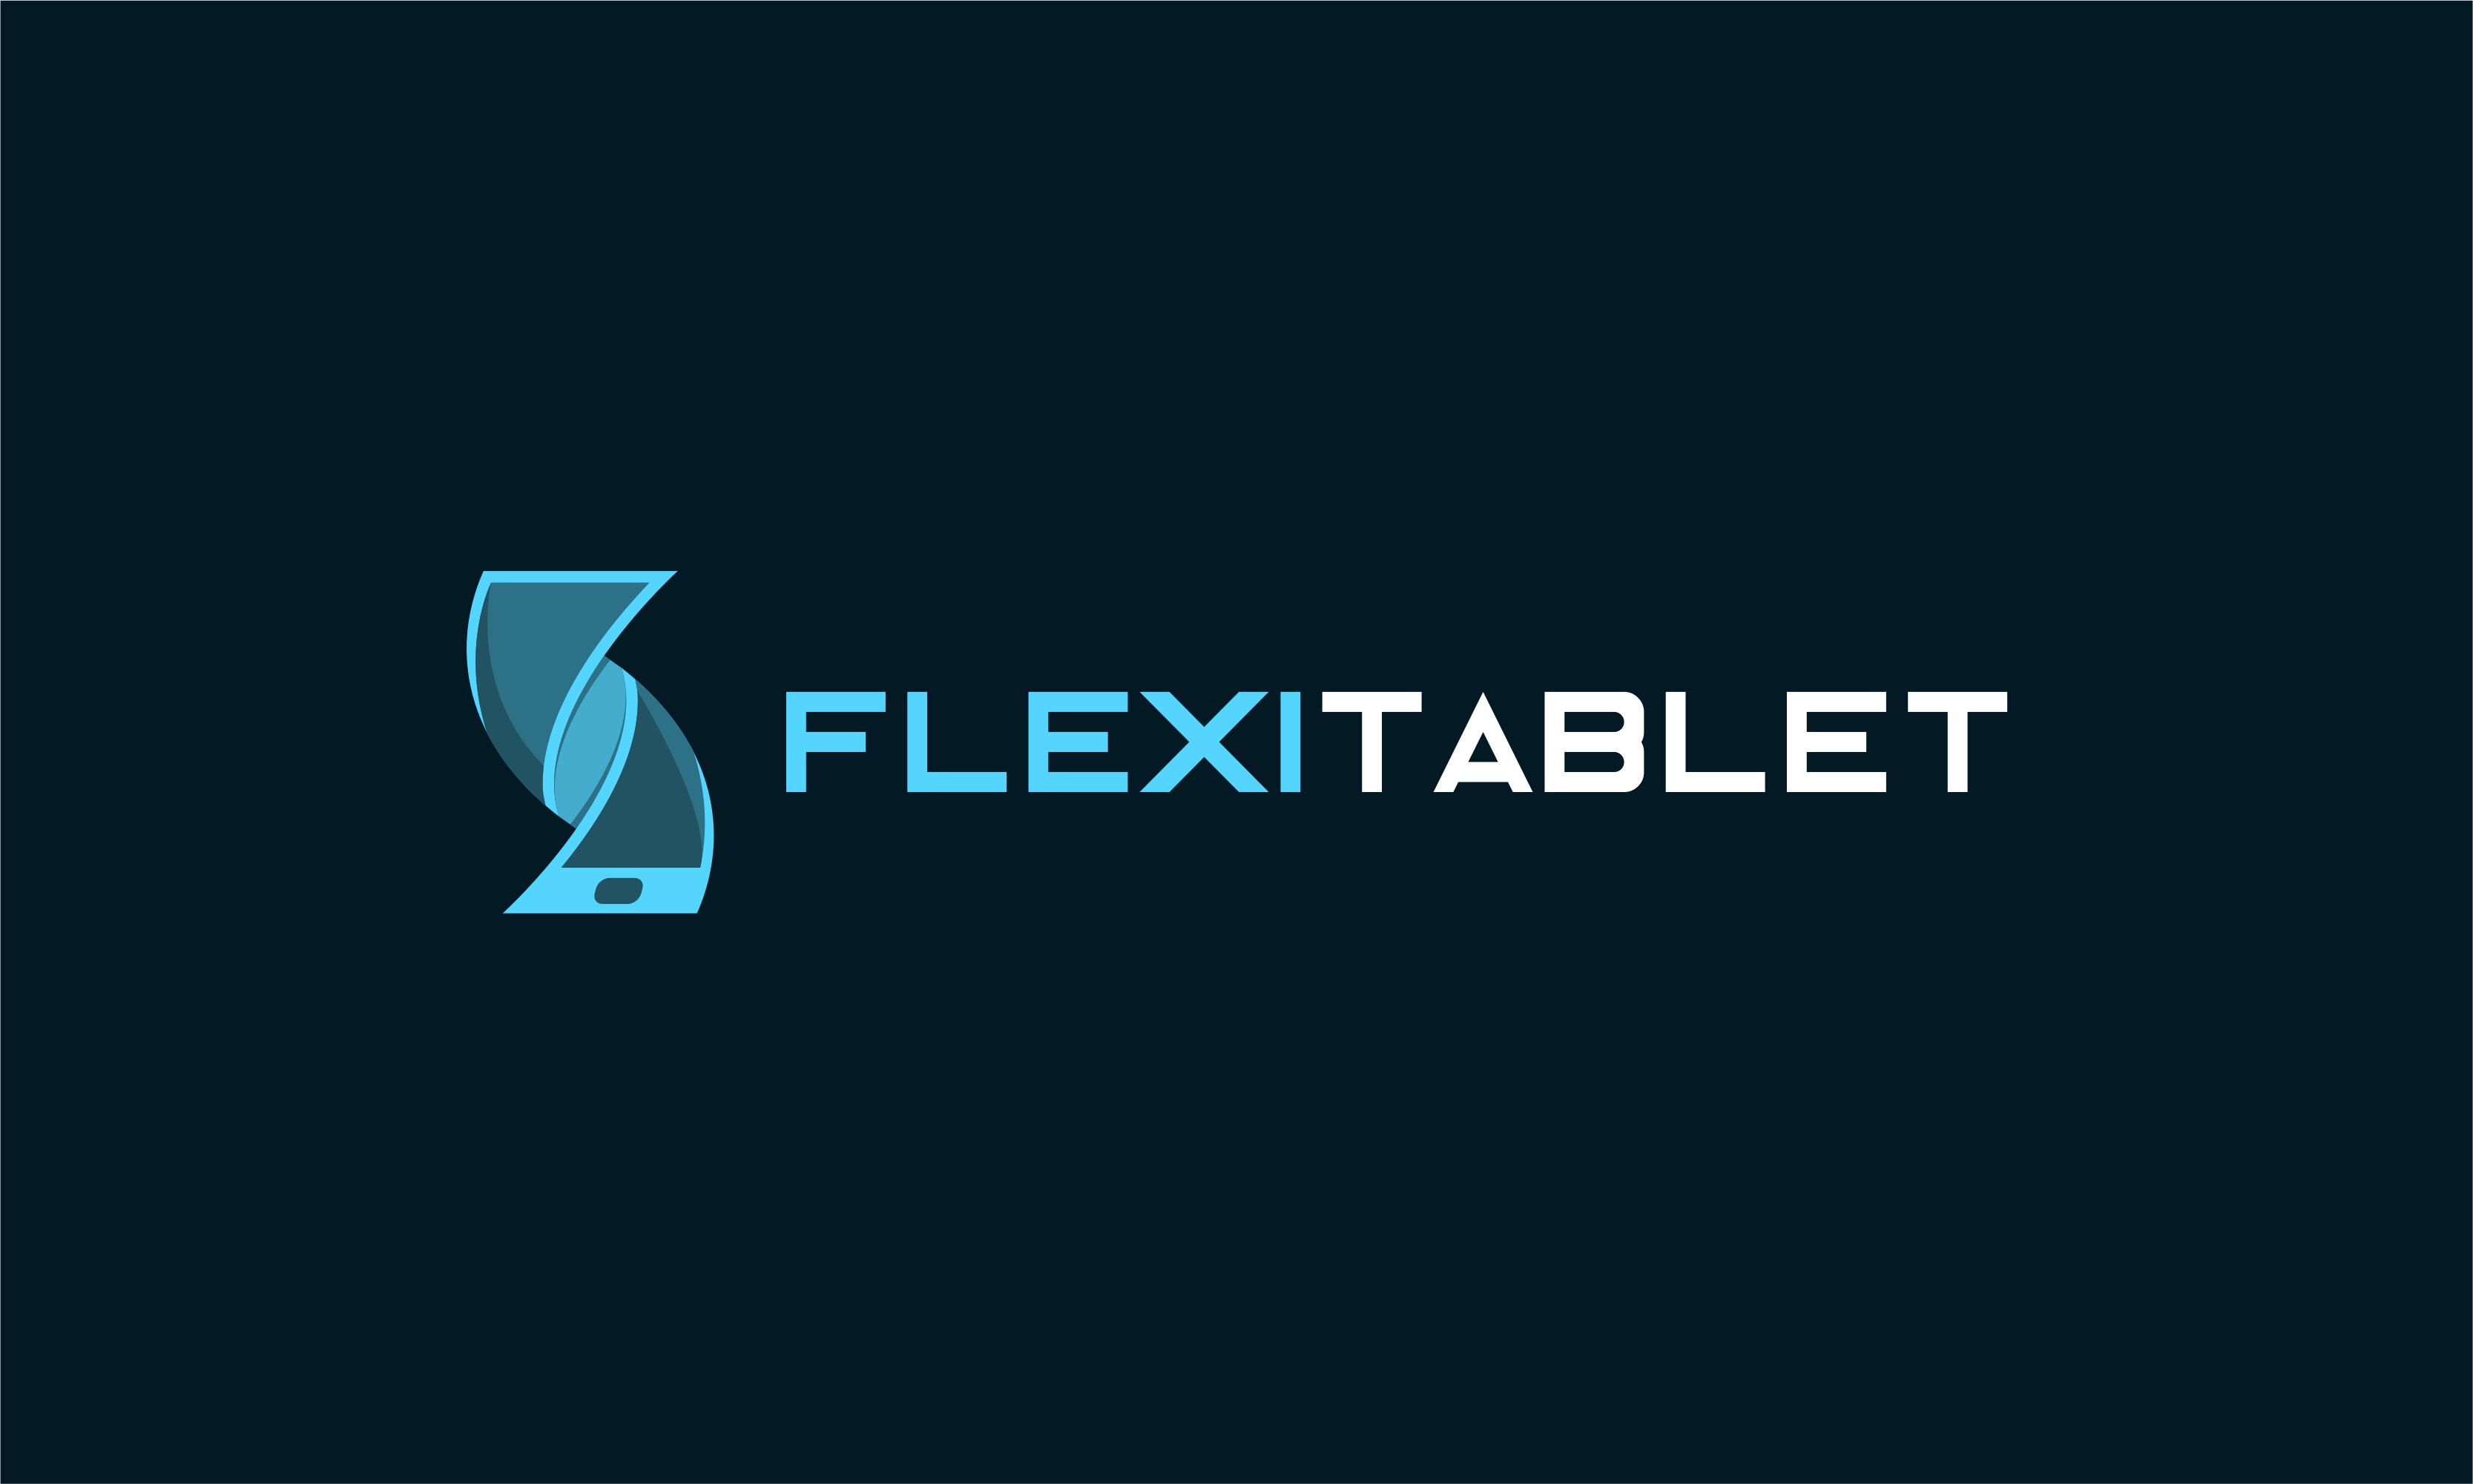 Flexitablet